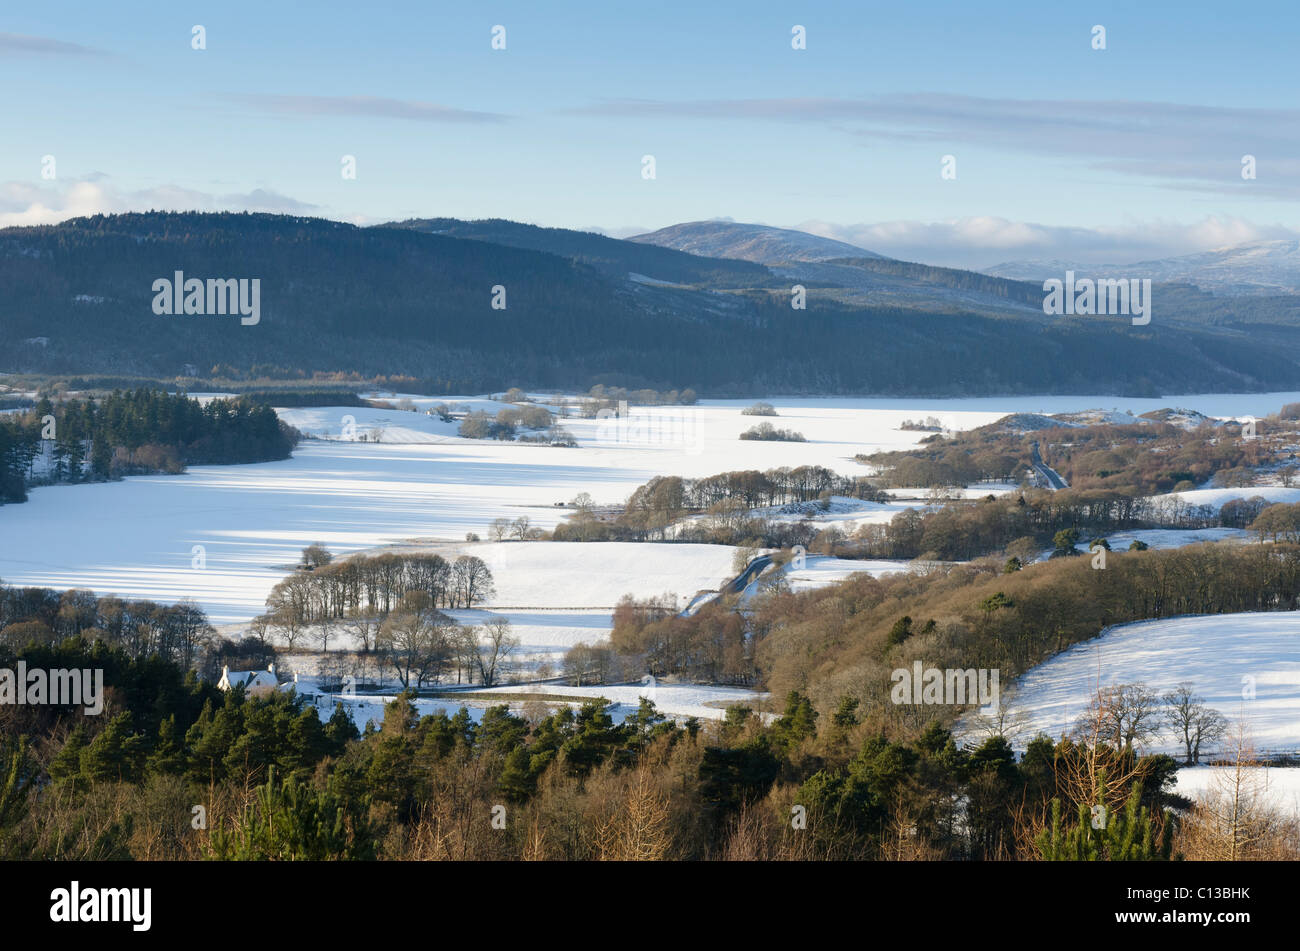 Loch Ken, Galloway, gelés avec îlots à North Photo Stock